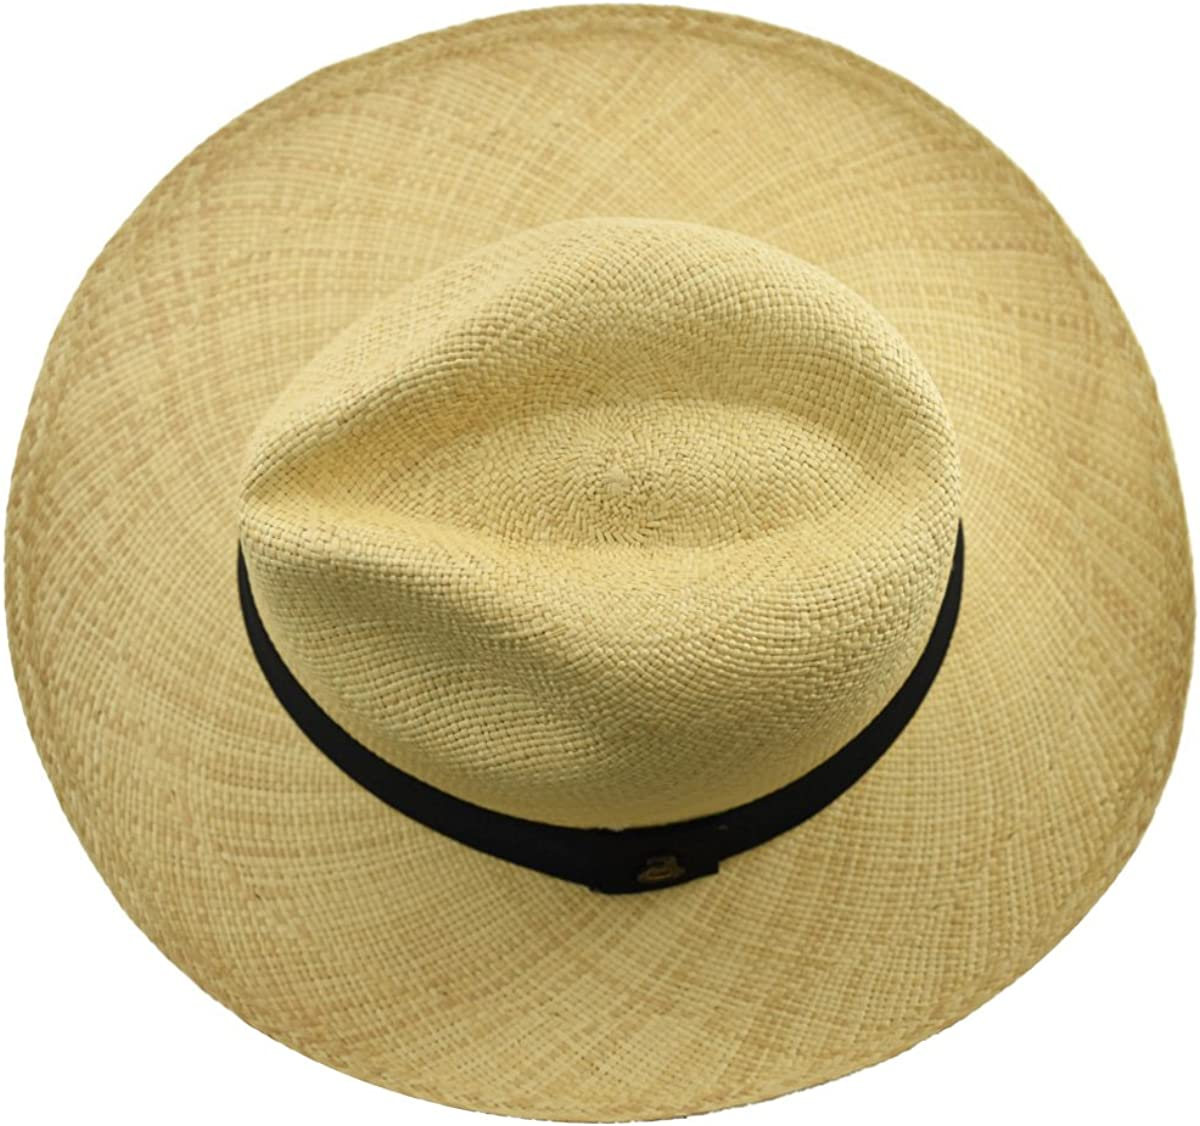 Authentic Cuenca Fedora Natural Color Handwoven Ecuador Genuine Panama Hat Handwoven Toquilla Palm Hat